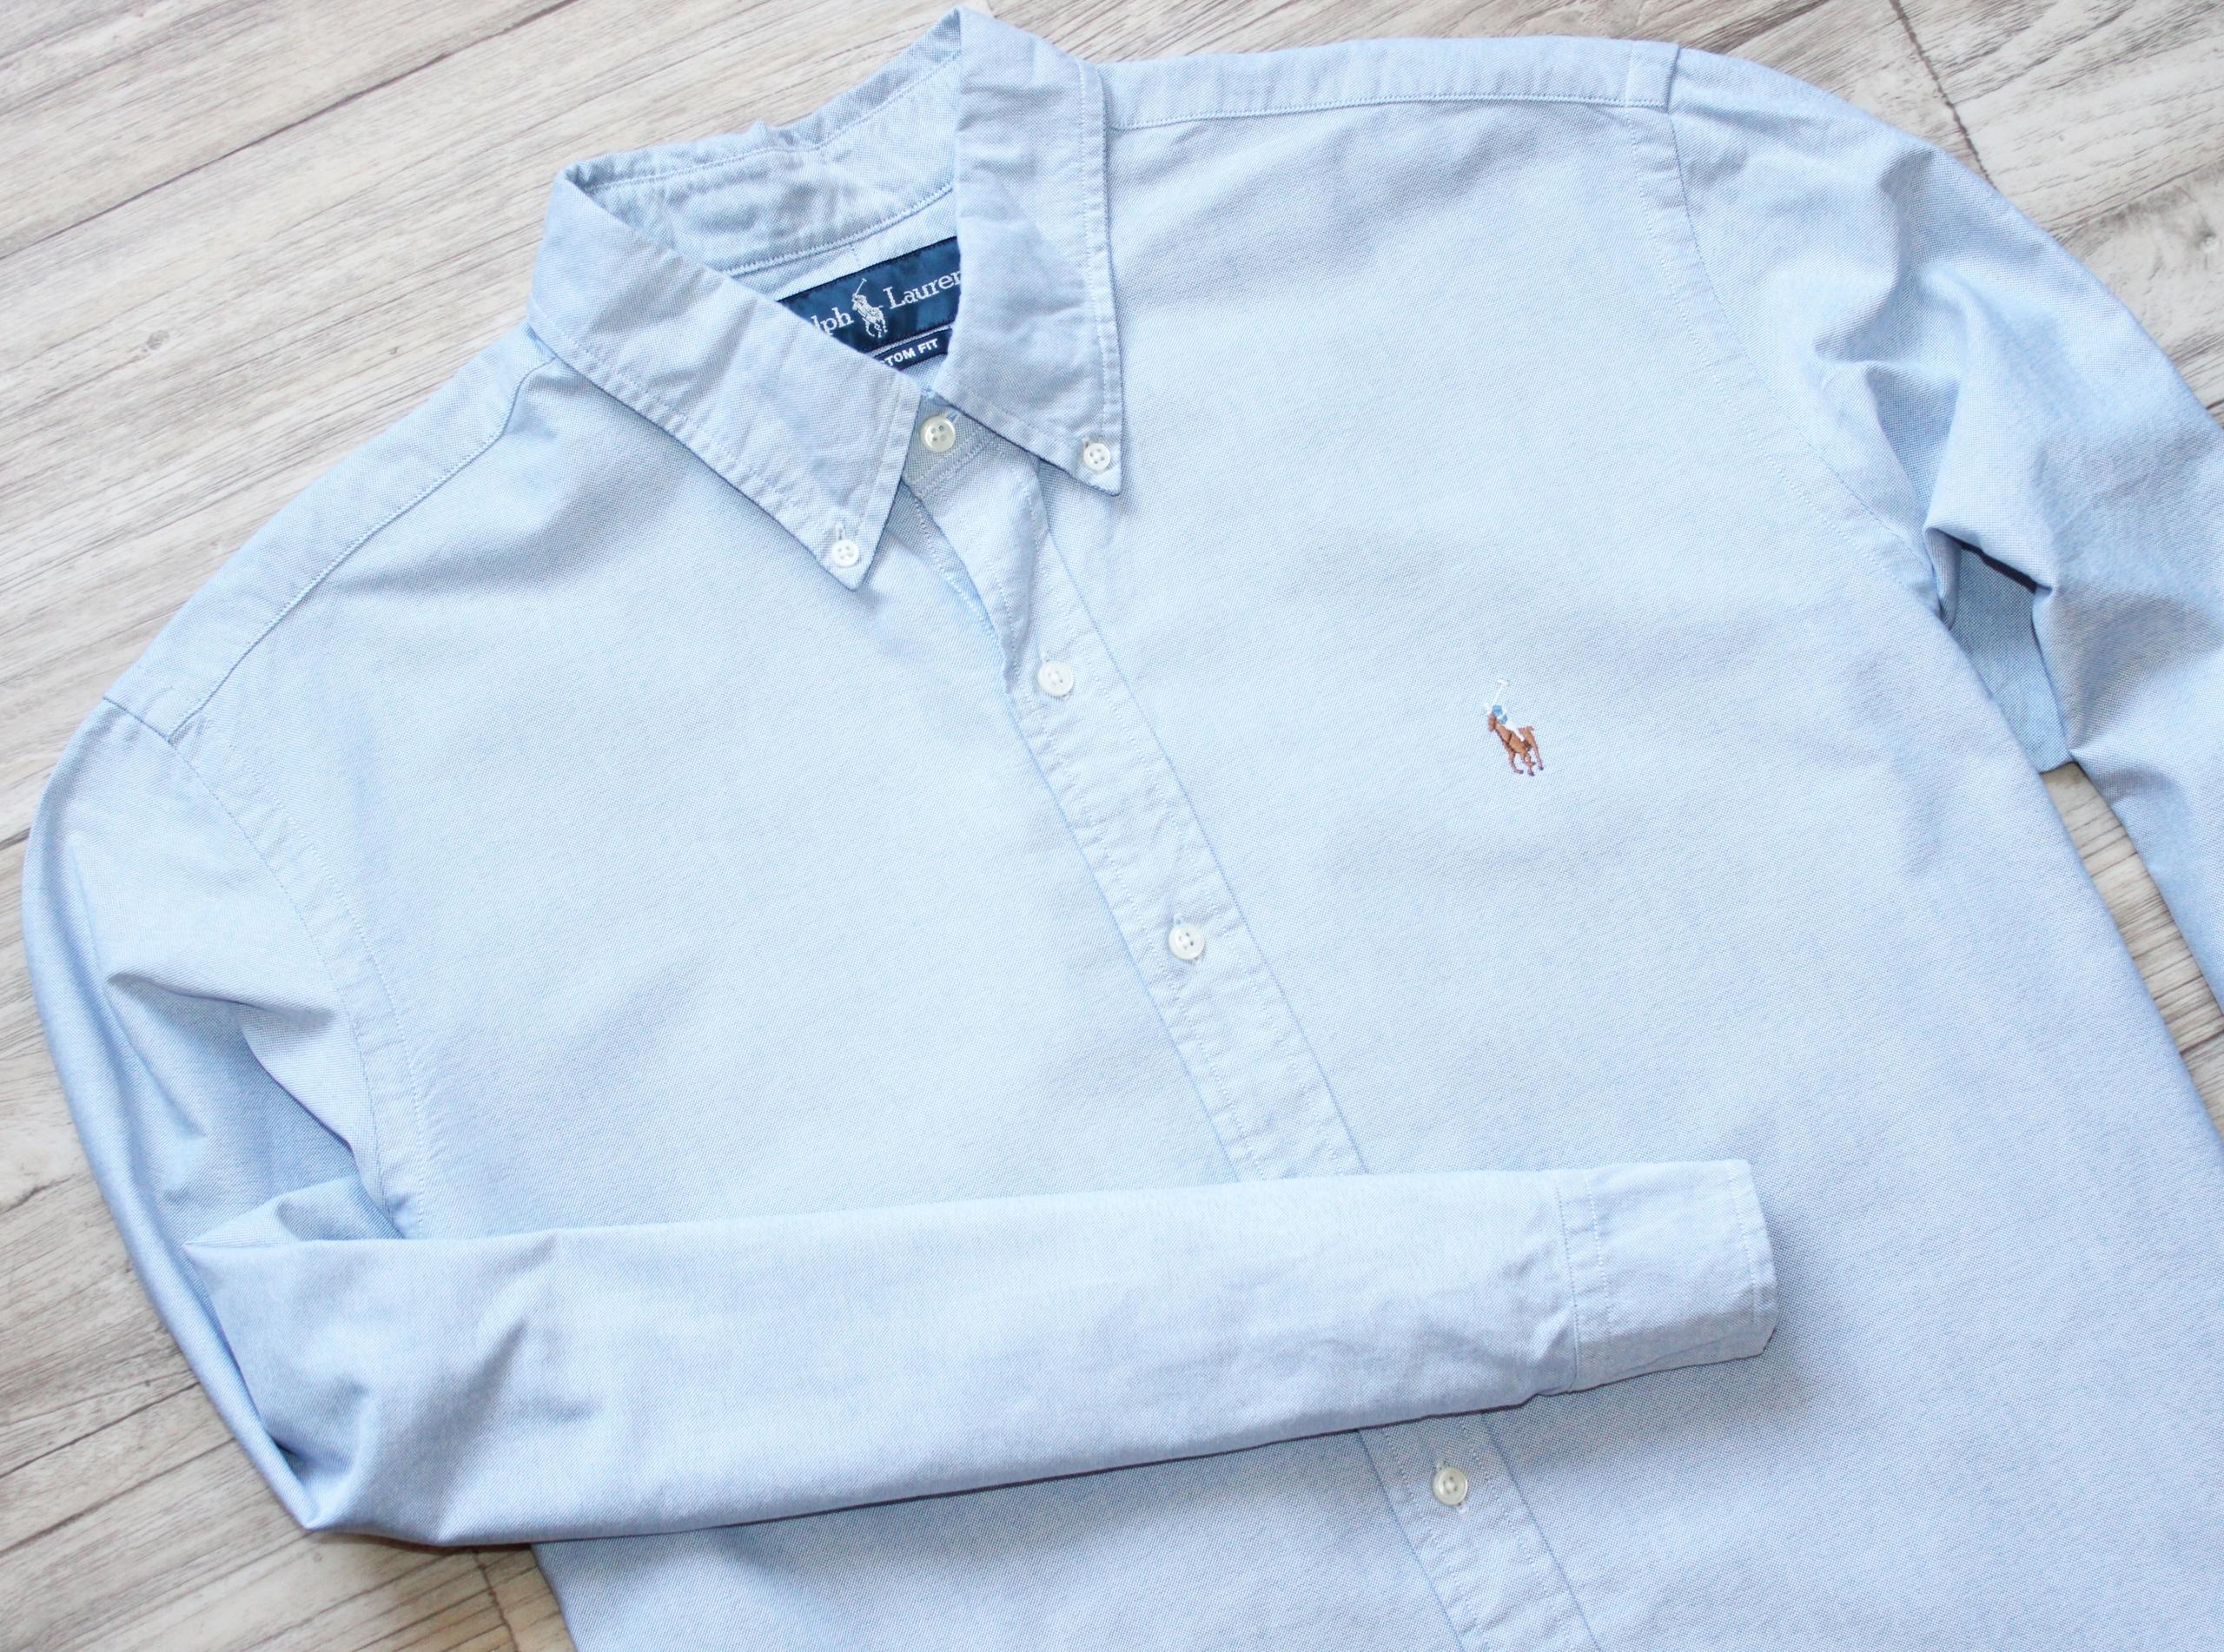 b5d7be467 Koszula Ralph Lauren XL XXL idealna logowana - 7713533358 ...